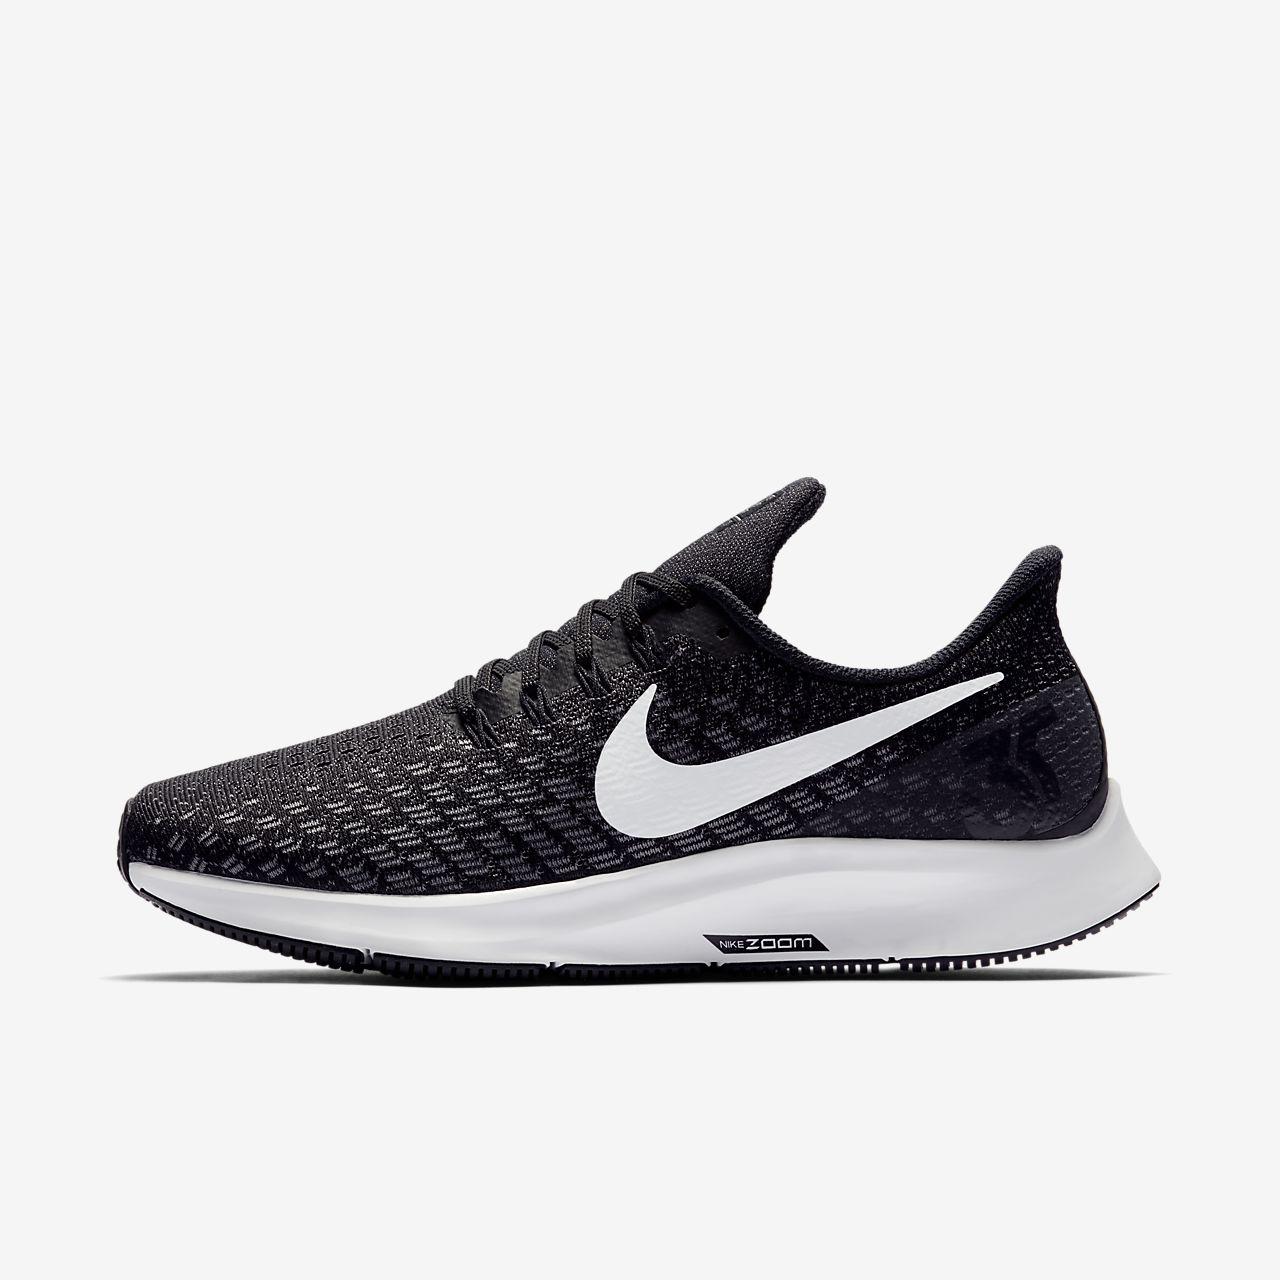 0c8153e18fff Nike Air Zoom Pegasus 35 Women s Running Shoe (Wide). Nike.com AU